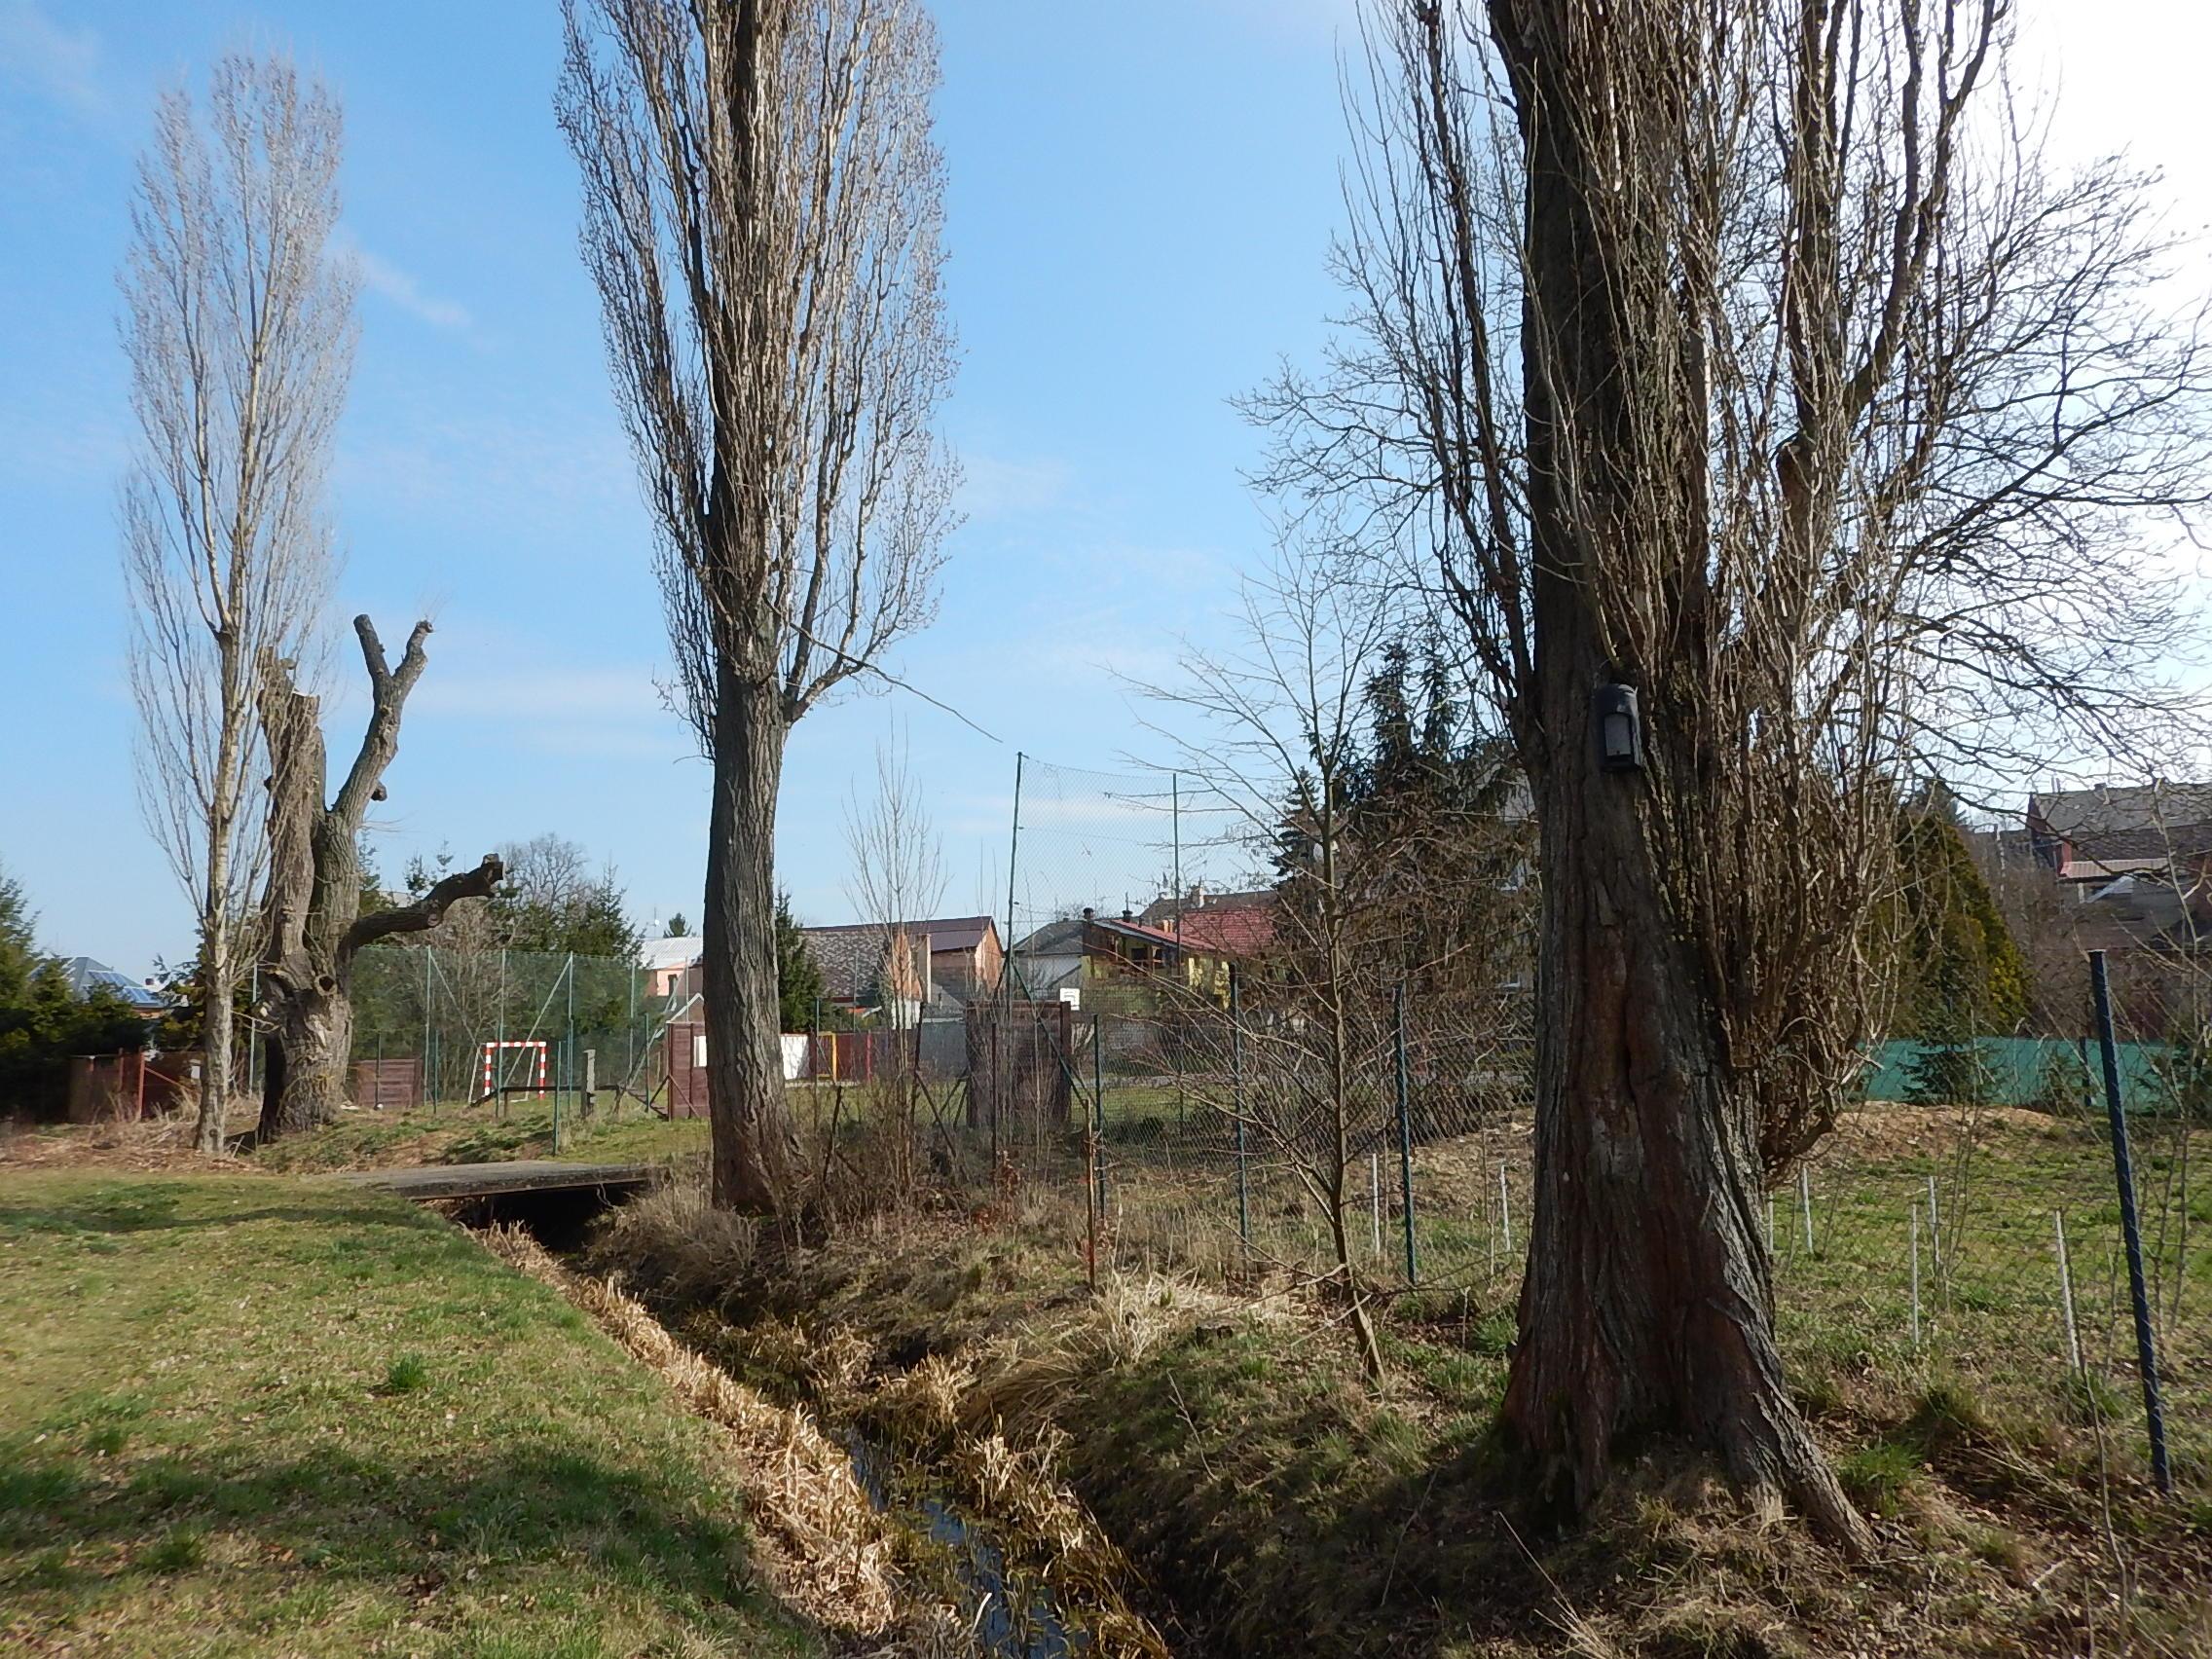 Celkový pohled na lokalitu – vzadu vrba s loggerem, vpředu topol s netopýří budkou.